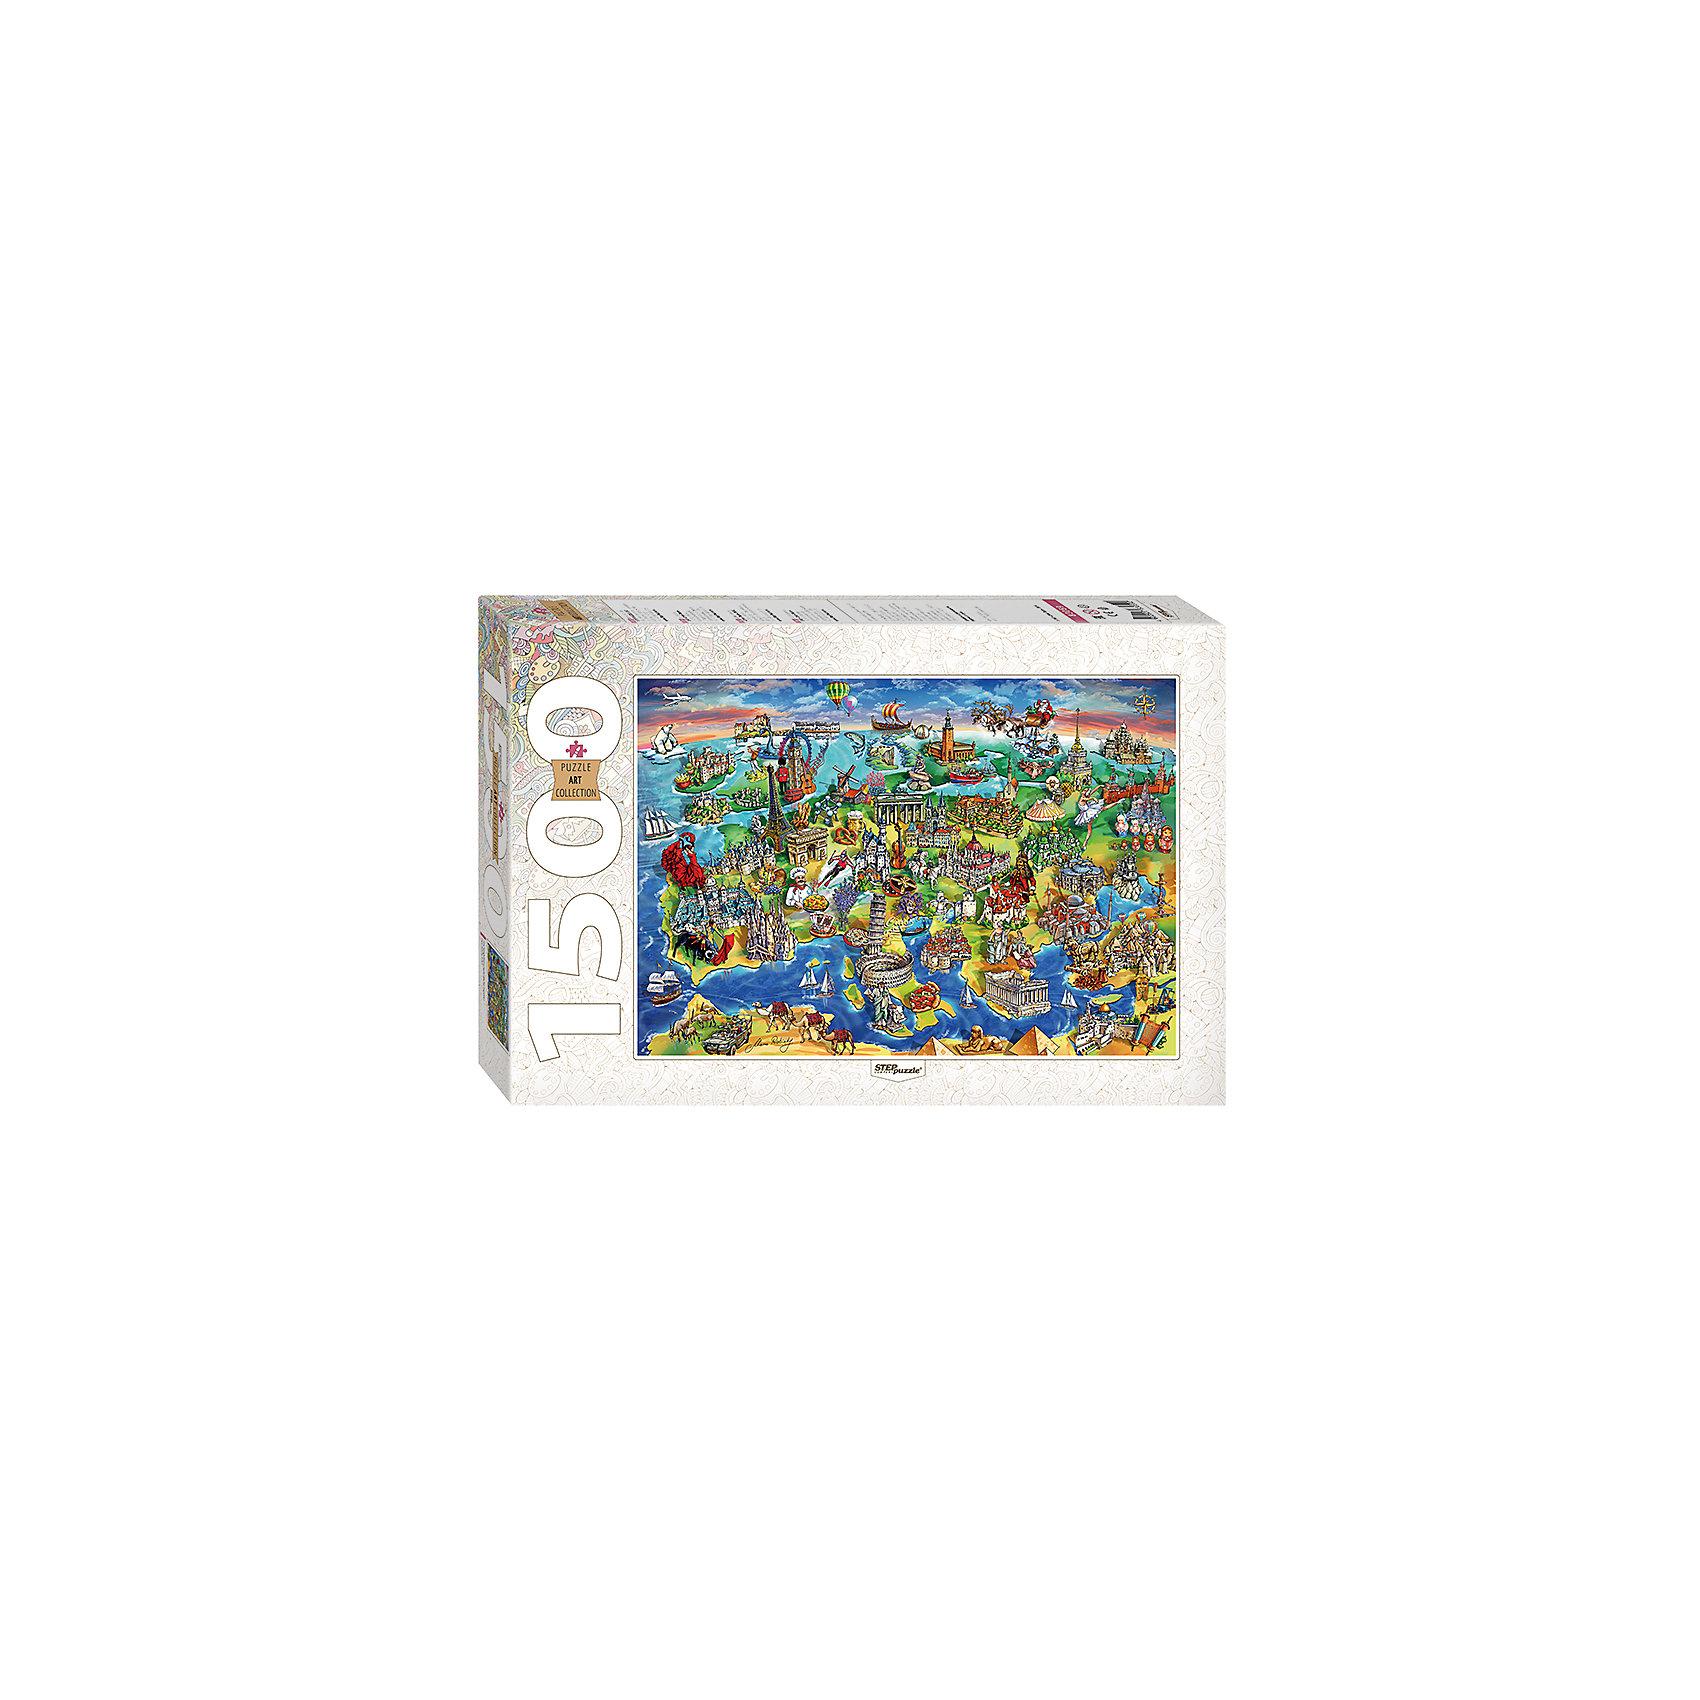 Пазл Достопримечательности Европы, 1500 деталей, Step PuzzleХарактеристики товара:<br><br>- цвет: разноцветный;<br>- материал: картон;<br>- деталей: 1500;<br>- высокая точность подгонки элементов;<br>- отличное качество печати;<br>- упаковка: коробка.<br><br>Собирать пазлы любят и дети, и взрослые! Это занятие может не только позволять весело проводить время, но и помогать всестороннему развитию ребенка. Изделие представляет собой детали, из которых нужно собрать очень красивую картинку. Все детали отлично проработаны, готовое изображение можно даже зафиксировать на бумаге и украсить им интерьер!<br>Собирание пазлов поможет формированию разных навыков, оно помогает развить тактильное восприятие, мелкую моторику, воображение, внимание и логику. Изделие произведено из качественных материалов, безопасных для ребенка. Набор станет отличным подарком детям!<br><br>Пазл Достопримечательности Европы, 1500 деталей, от бренда Step Puzzle можно купить в нашем интернет-магазине.<br><br>Ширина мм: 400<br>Глубина мм: 270<br>Высота мм: 55<br>Вес г: 960<br>Возраст от месяцев: 84<br>Возраст до месяцев: 180<br>Пол: Унисекс<br>Возраст: Детский<br>SKU: 5138182